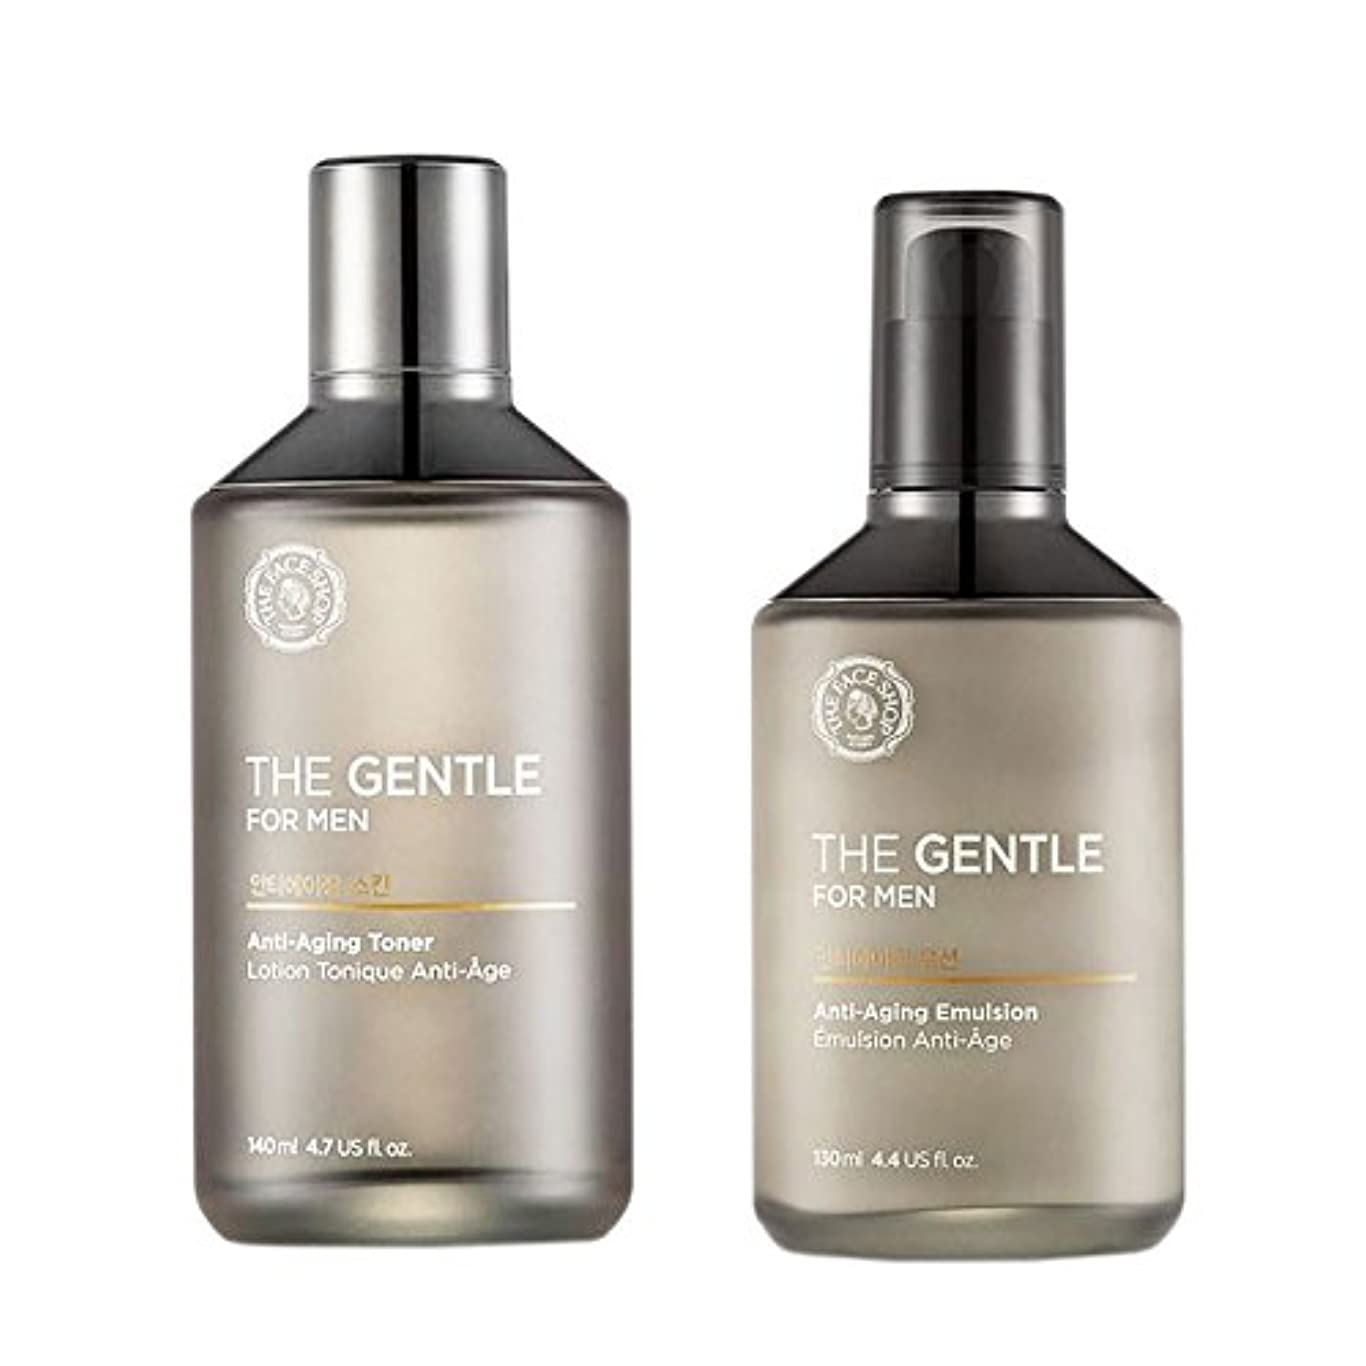 なんでも今晩食い違い[ザ·フェイスショップ]The Face Shop ジェントルメンズセット(ローション+トナー) The Gentle For Men Skincare Set(Emulsion+Toner) [海外直送品]